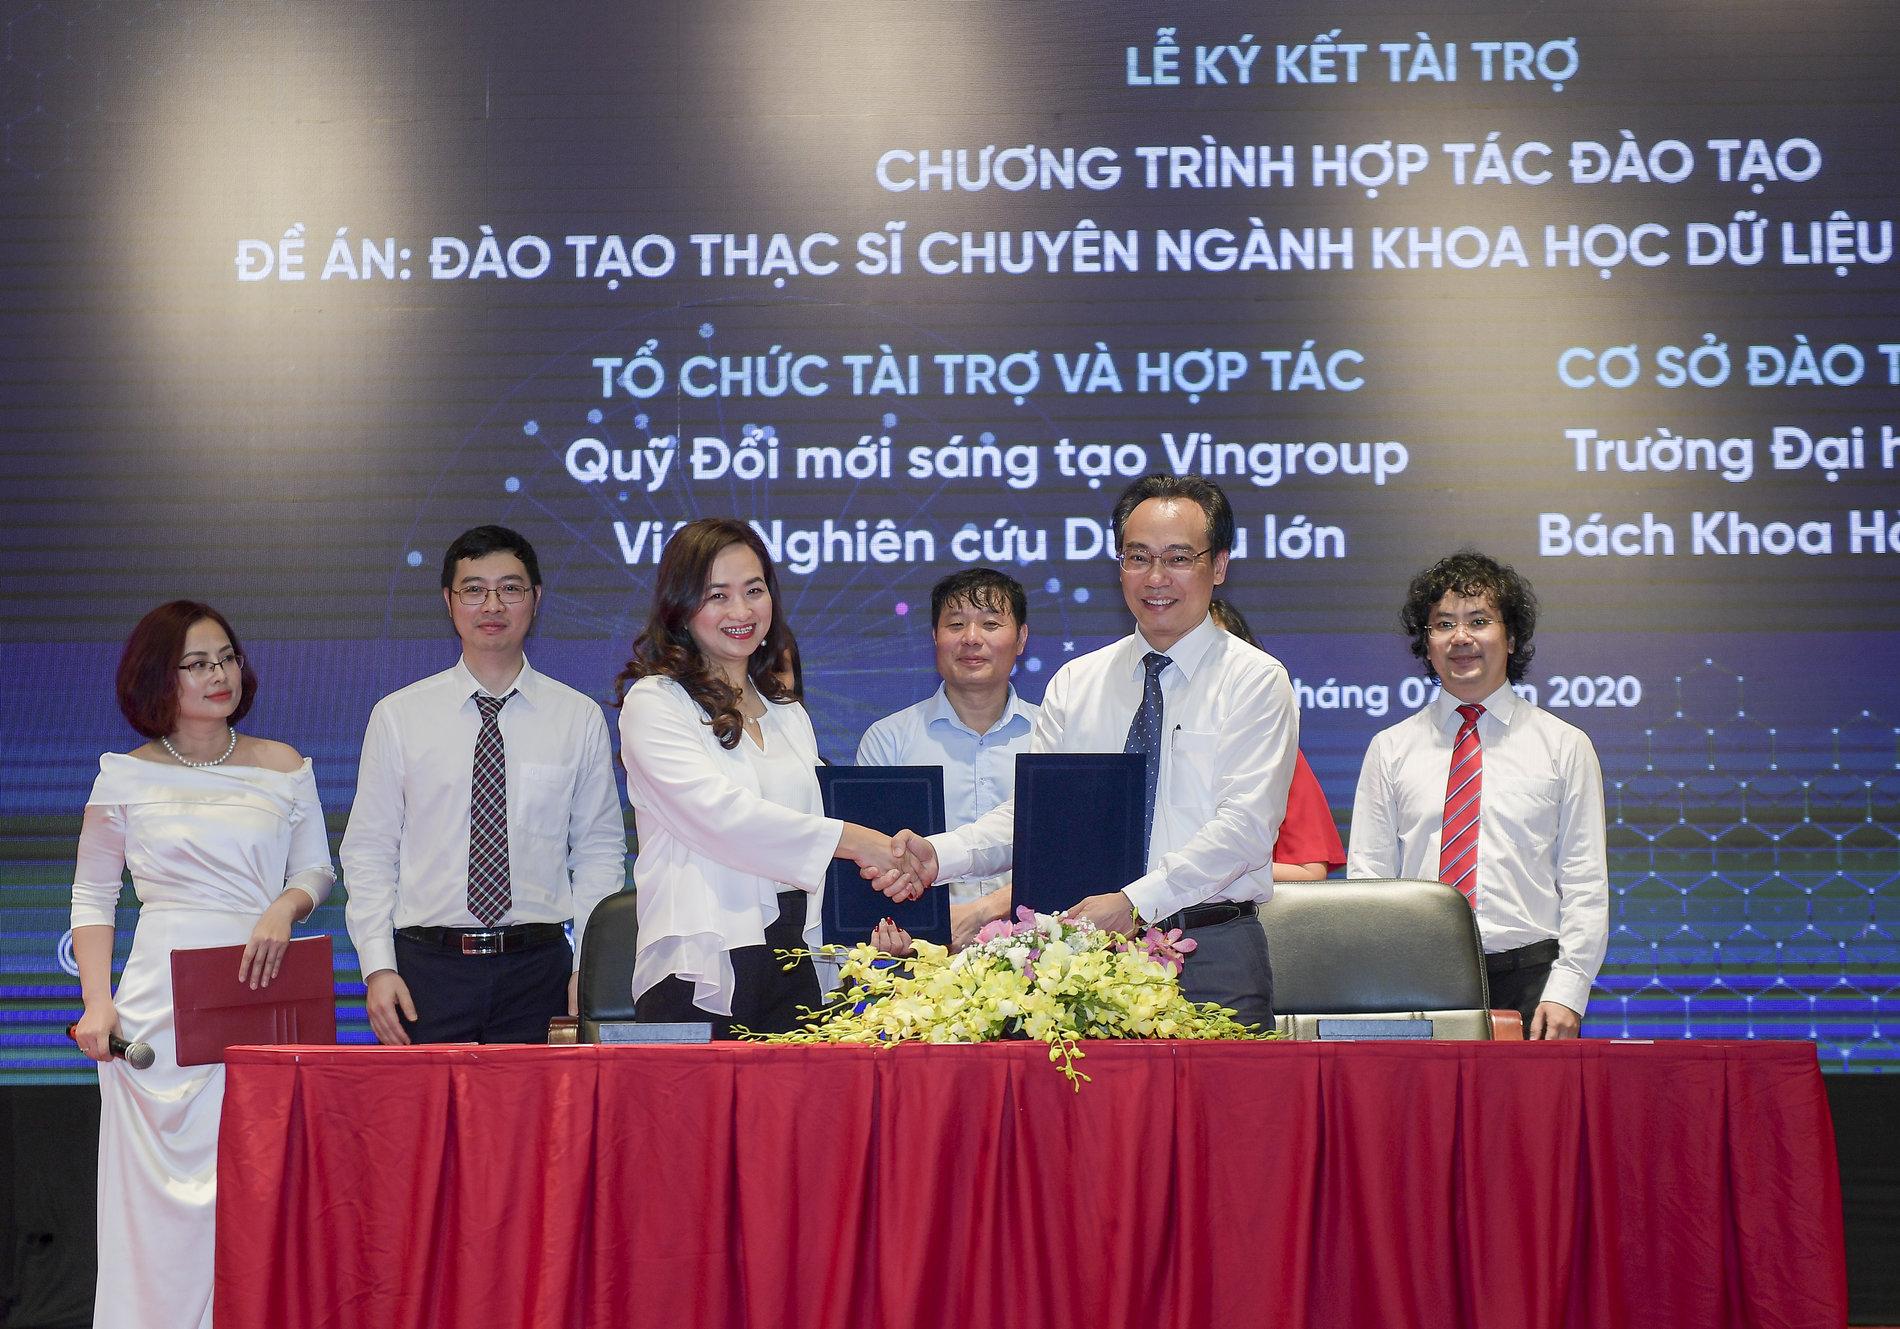 PGS.TSKH Phan Thị Hà Dương – Giám đốc điều hành Quỹ VinIF ký kết hợp tác đào tạo với đại diện trường Đại học Bách Khoa Hà Nội. Ảnh: Vingroup